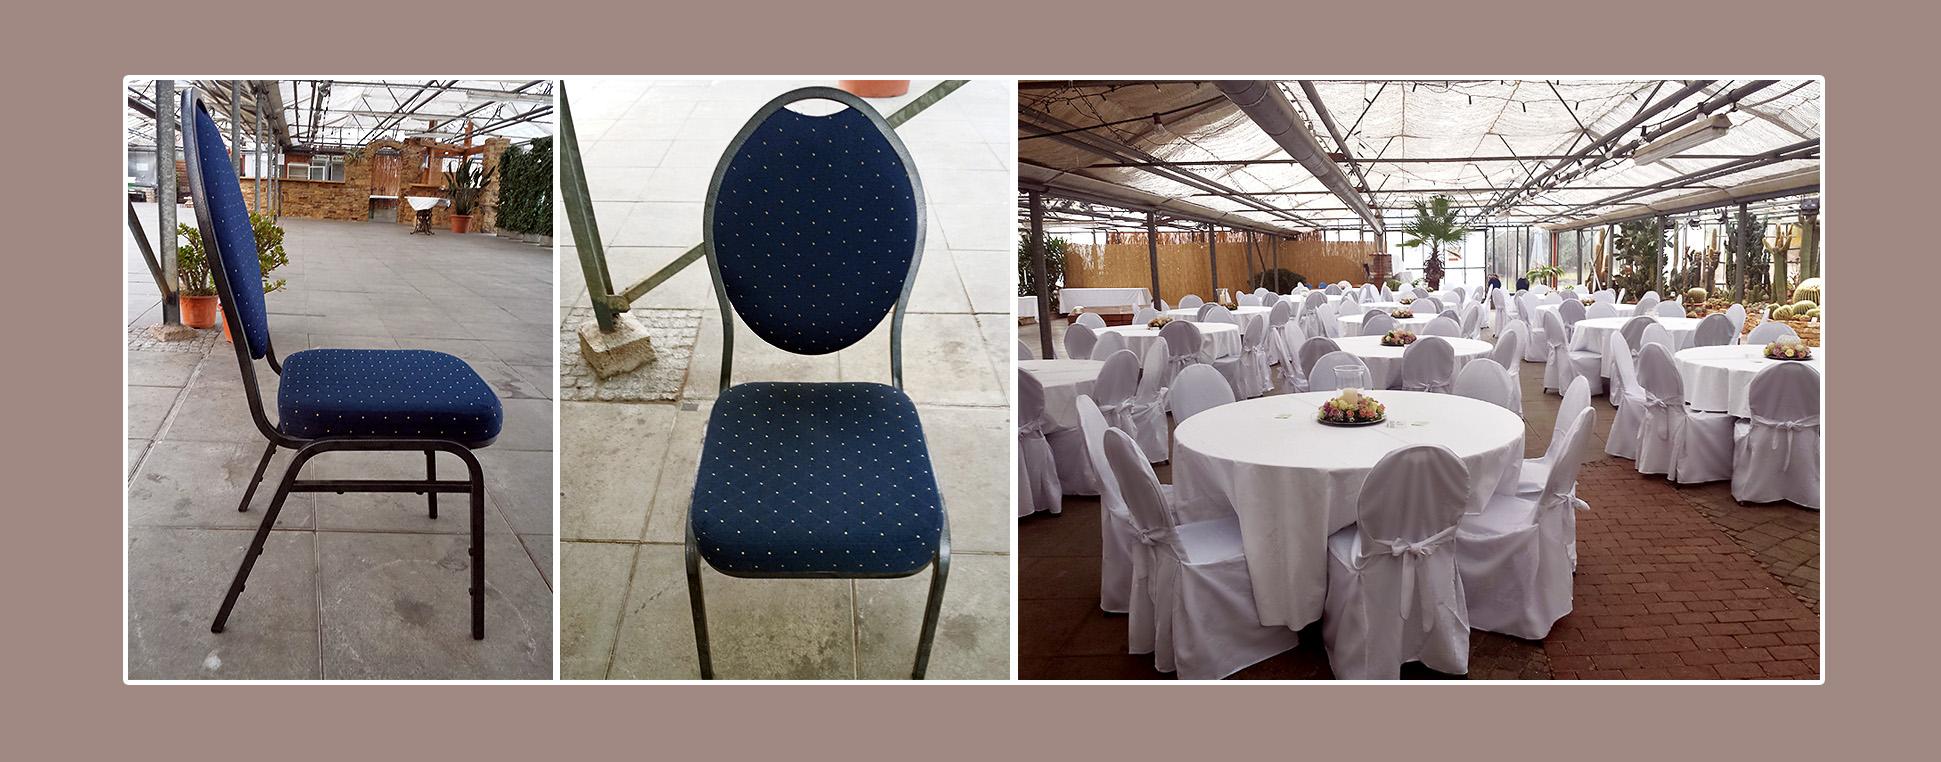 Stuhlhussen mieten für Bankettstühle in Wendlingen am Neckar, Umgebung Kirchheim unter Teck, Eesslingen und Stuttgart